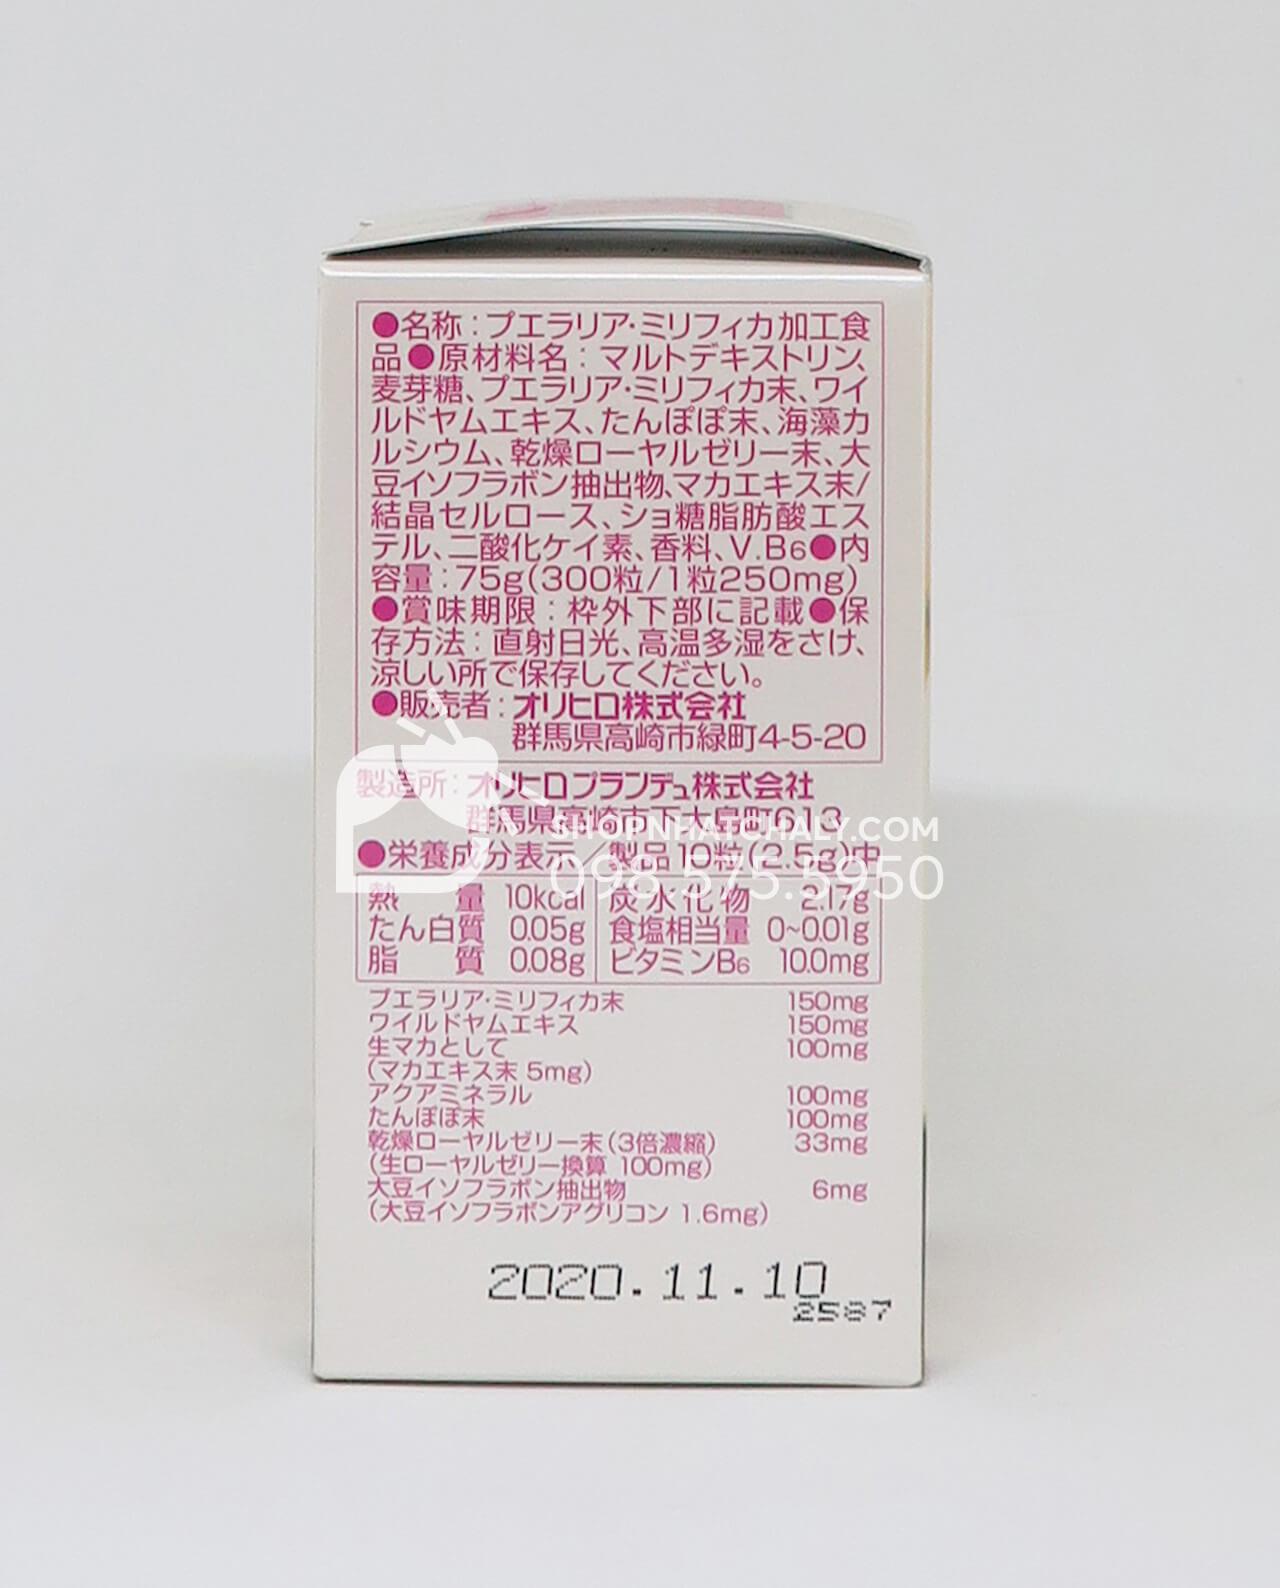 Thuốc nở ngực BBB Orihiro Best Body Beauty tăng kích thước vòng 1 date mới nhất đến 2020